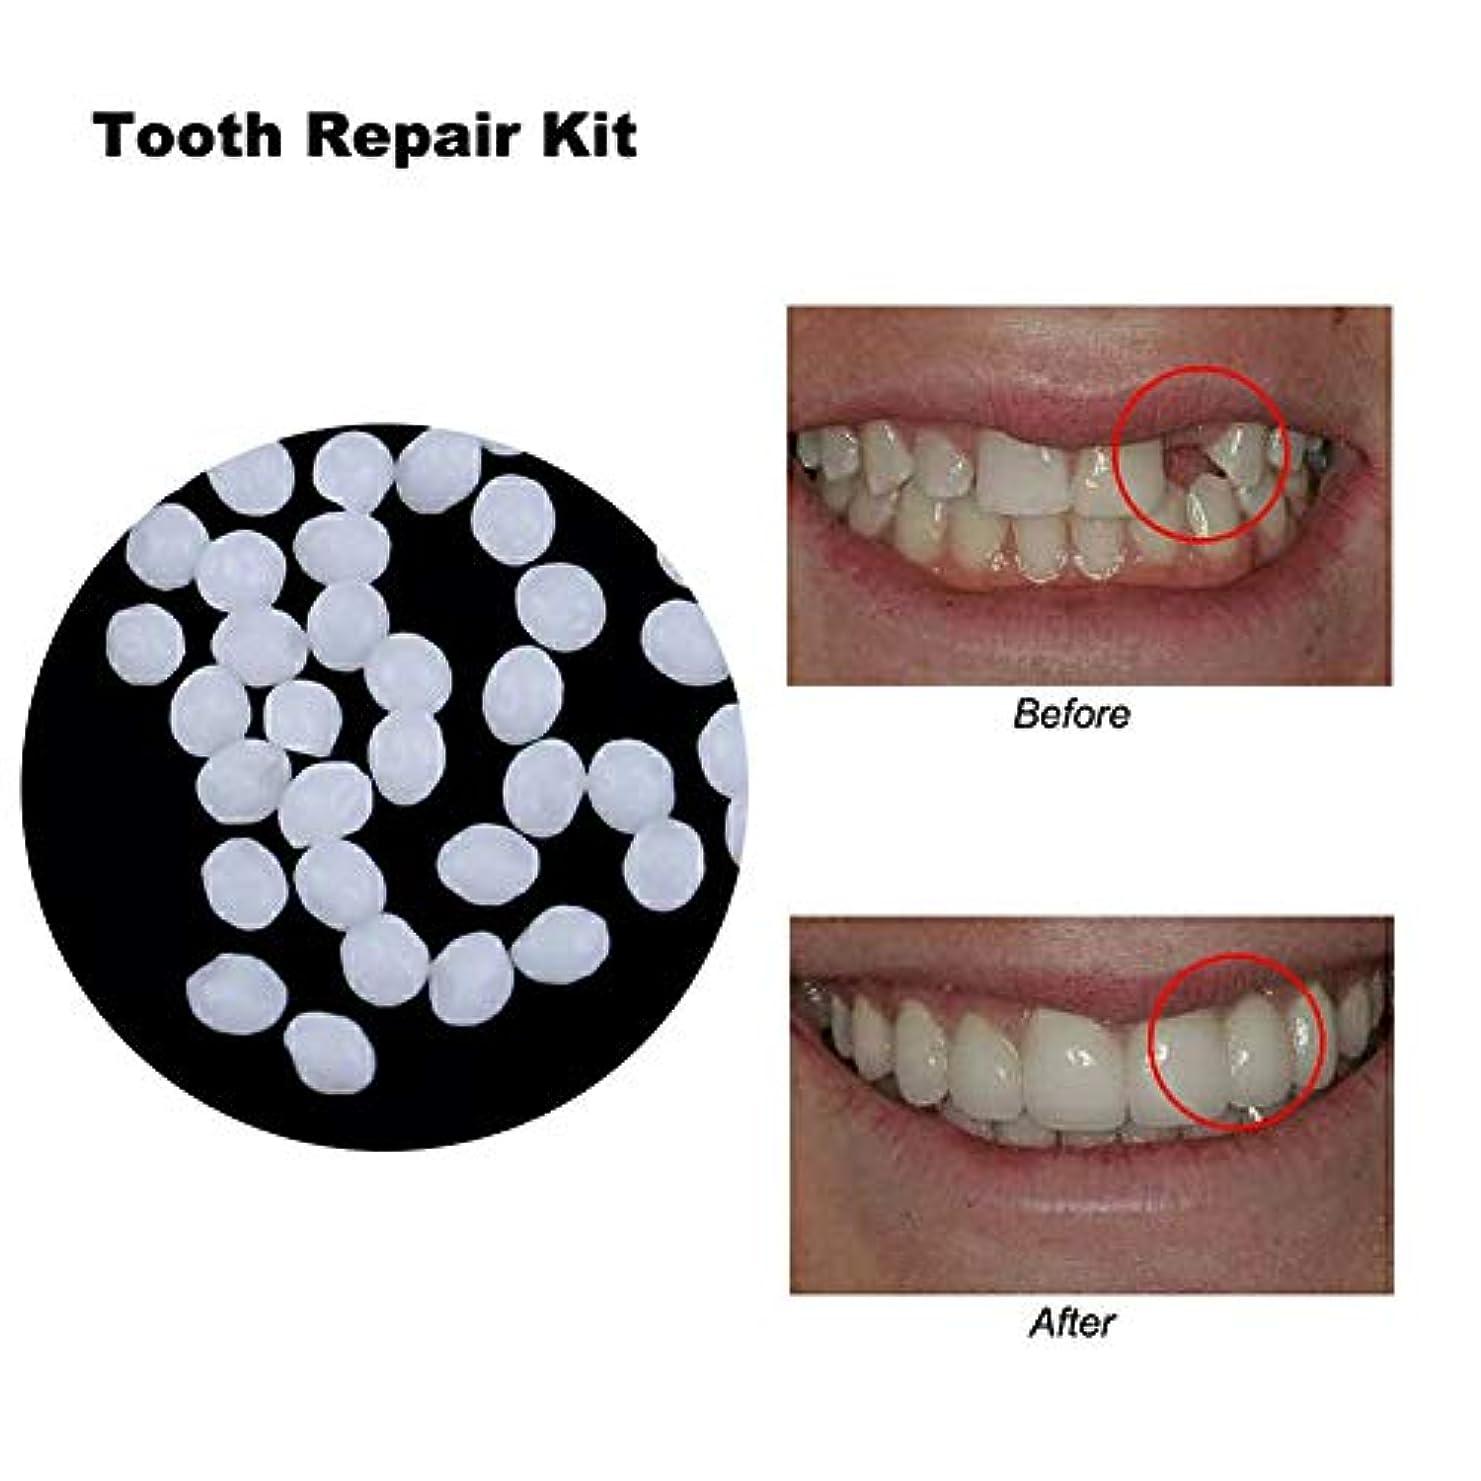 特殊担当者家偽歯固体接着剤、樹脂の歯とギャップのための一時的な化粧品の歯の修復キットクリエイティブ義歯接着剤,10ml14g